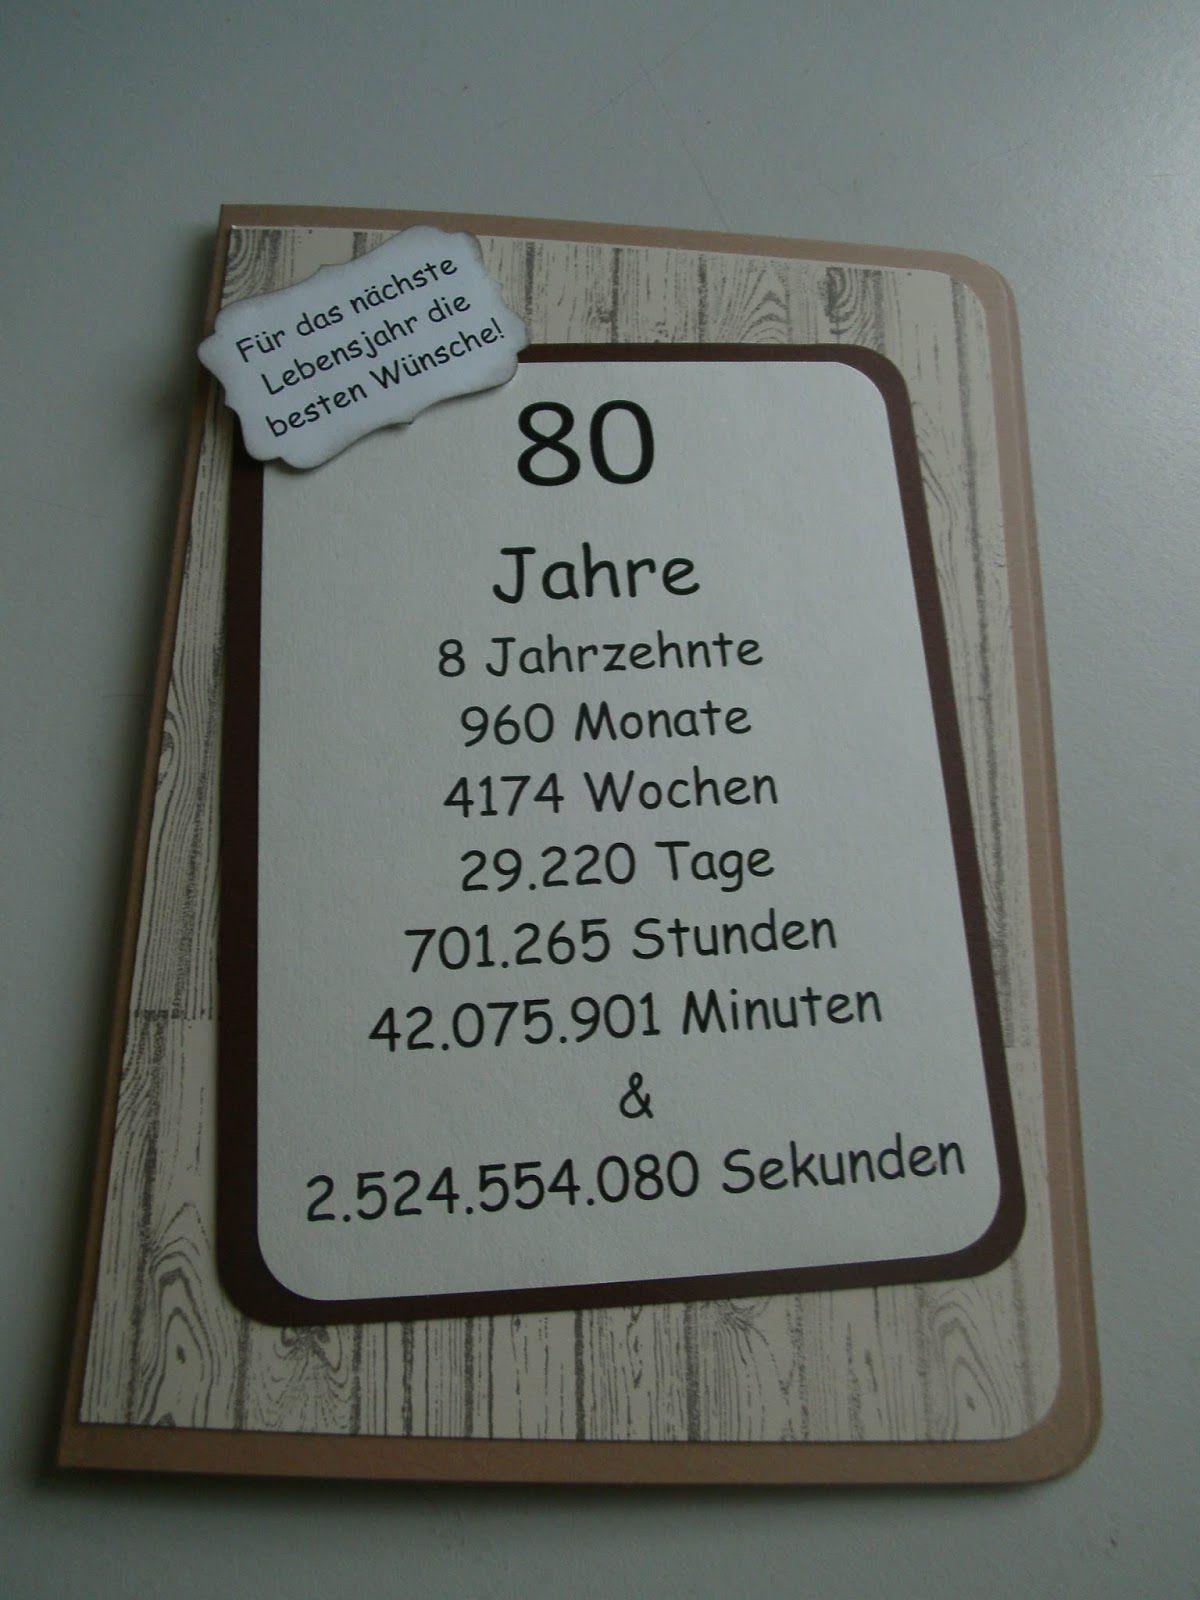 Geschenke Zum 80. Geburtstag Opa  Einladungskarten Zum 80 Geburtstag Selbst Drucken